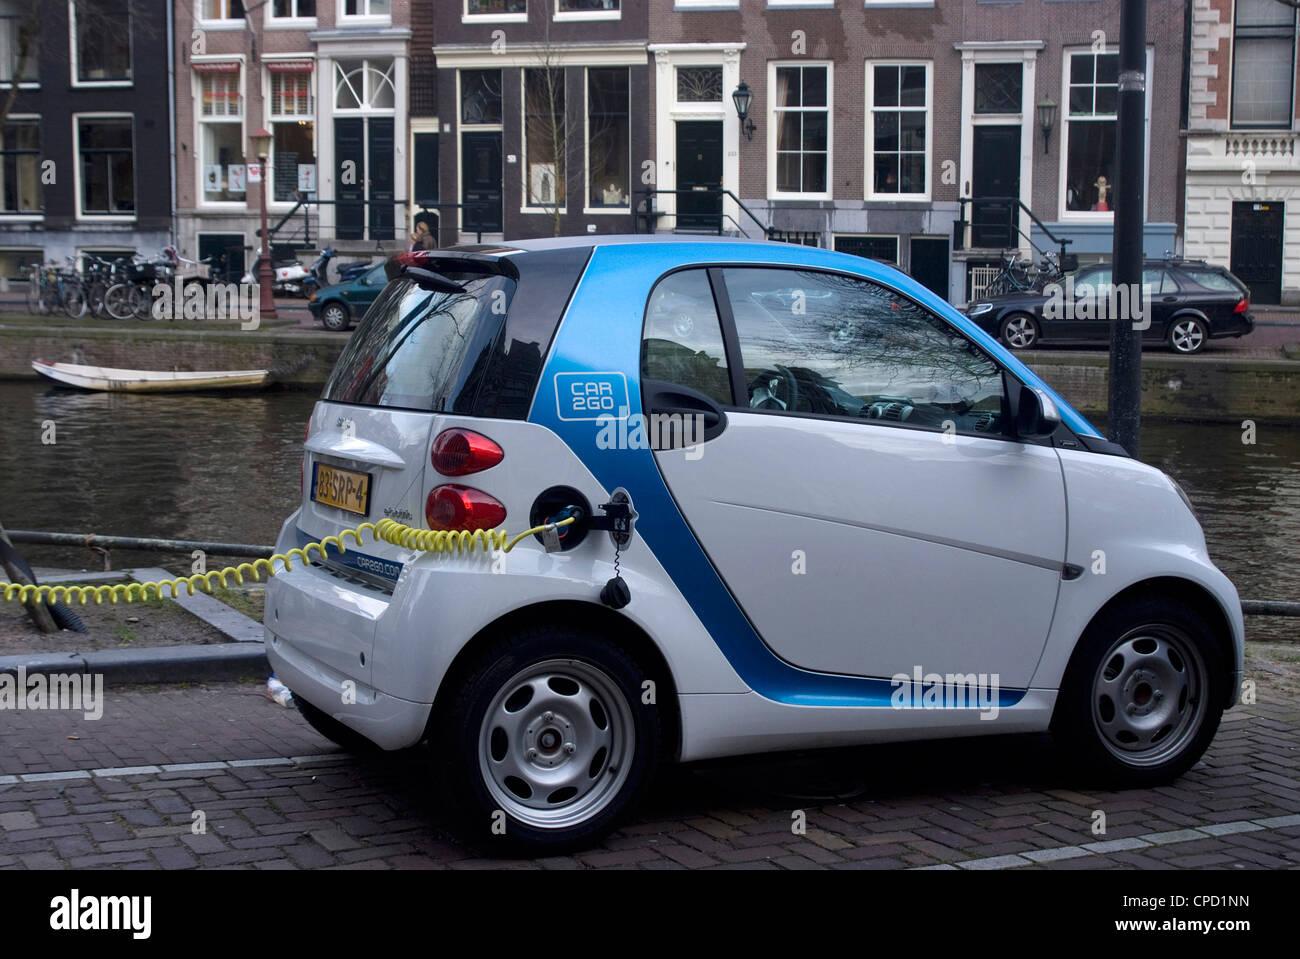 La recharge d'une voiture électrique, Amsterdam, Pays-Bas, Europe Photo Stock